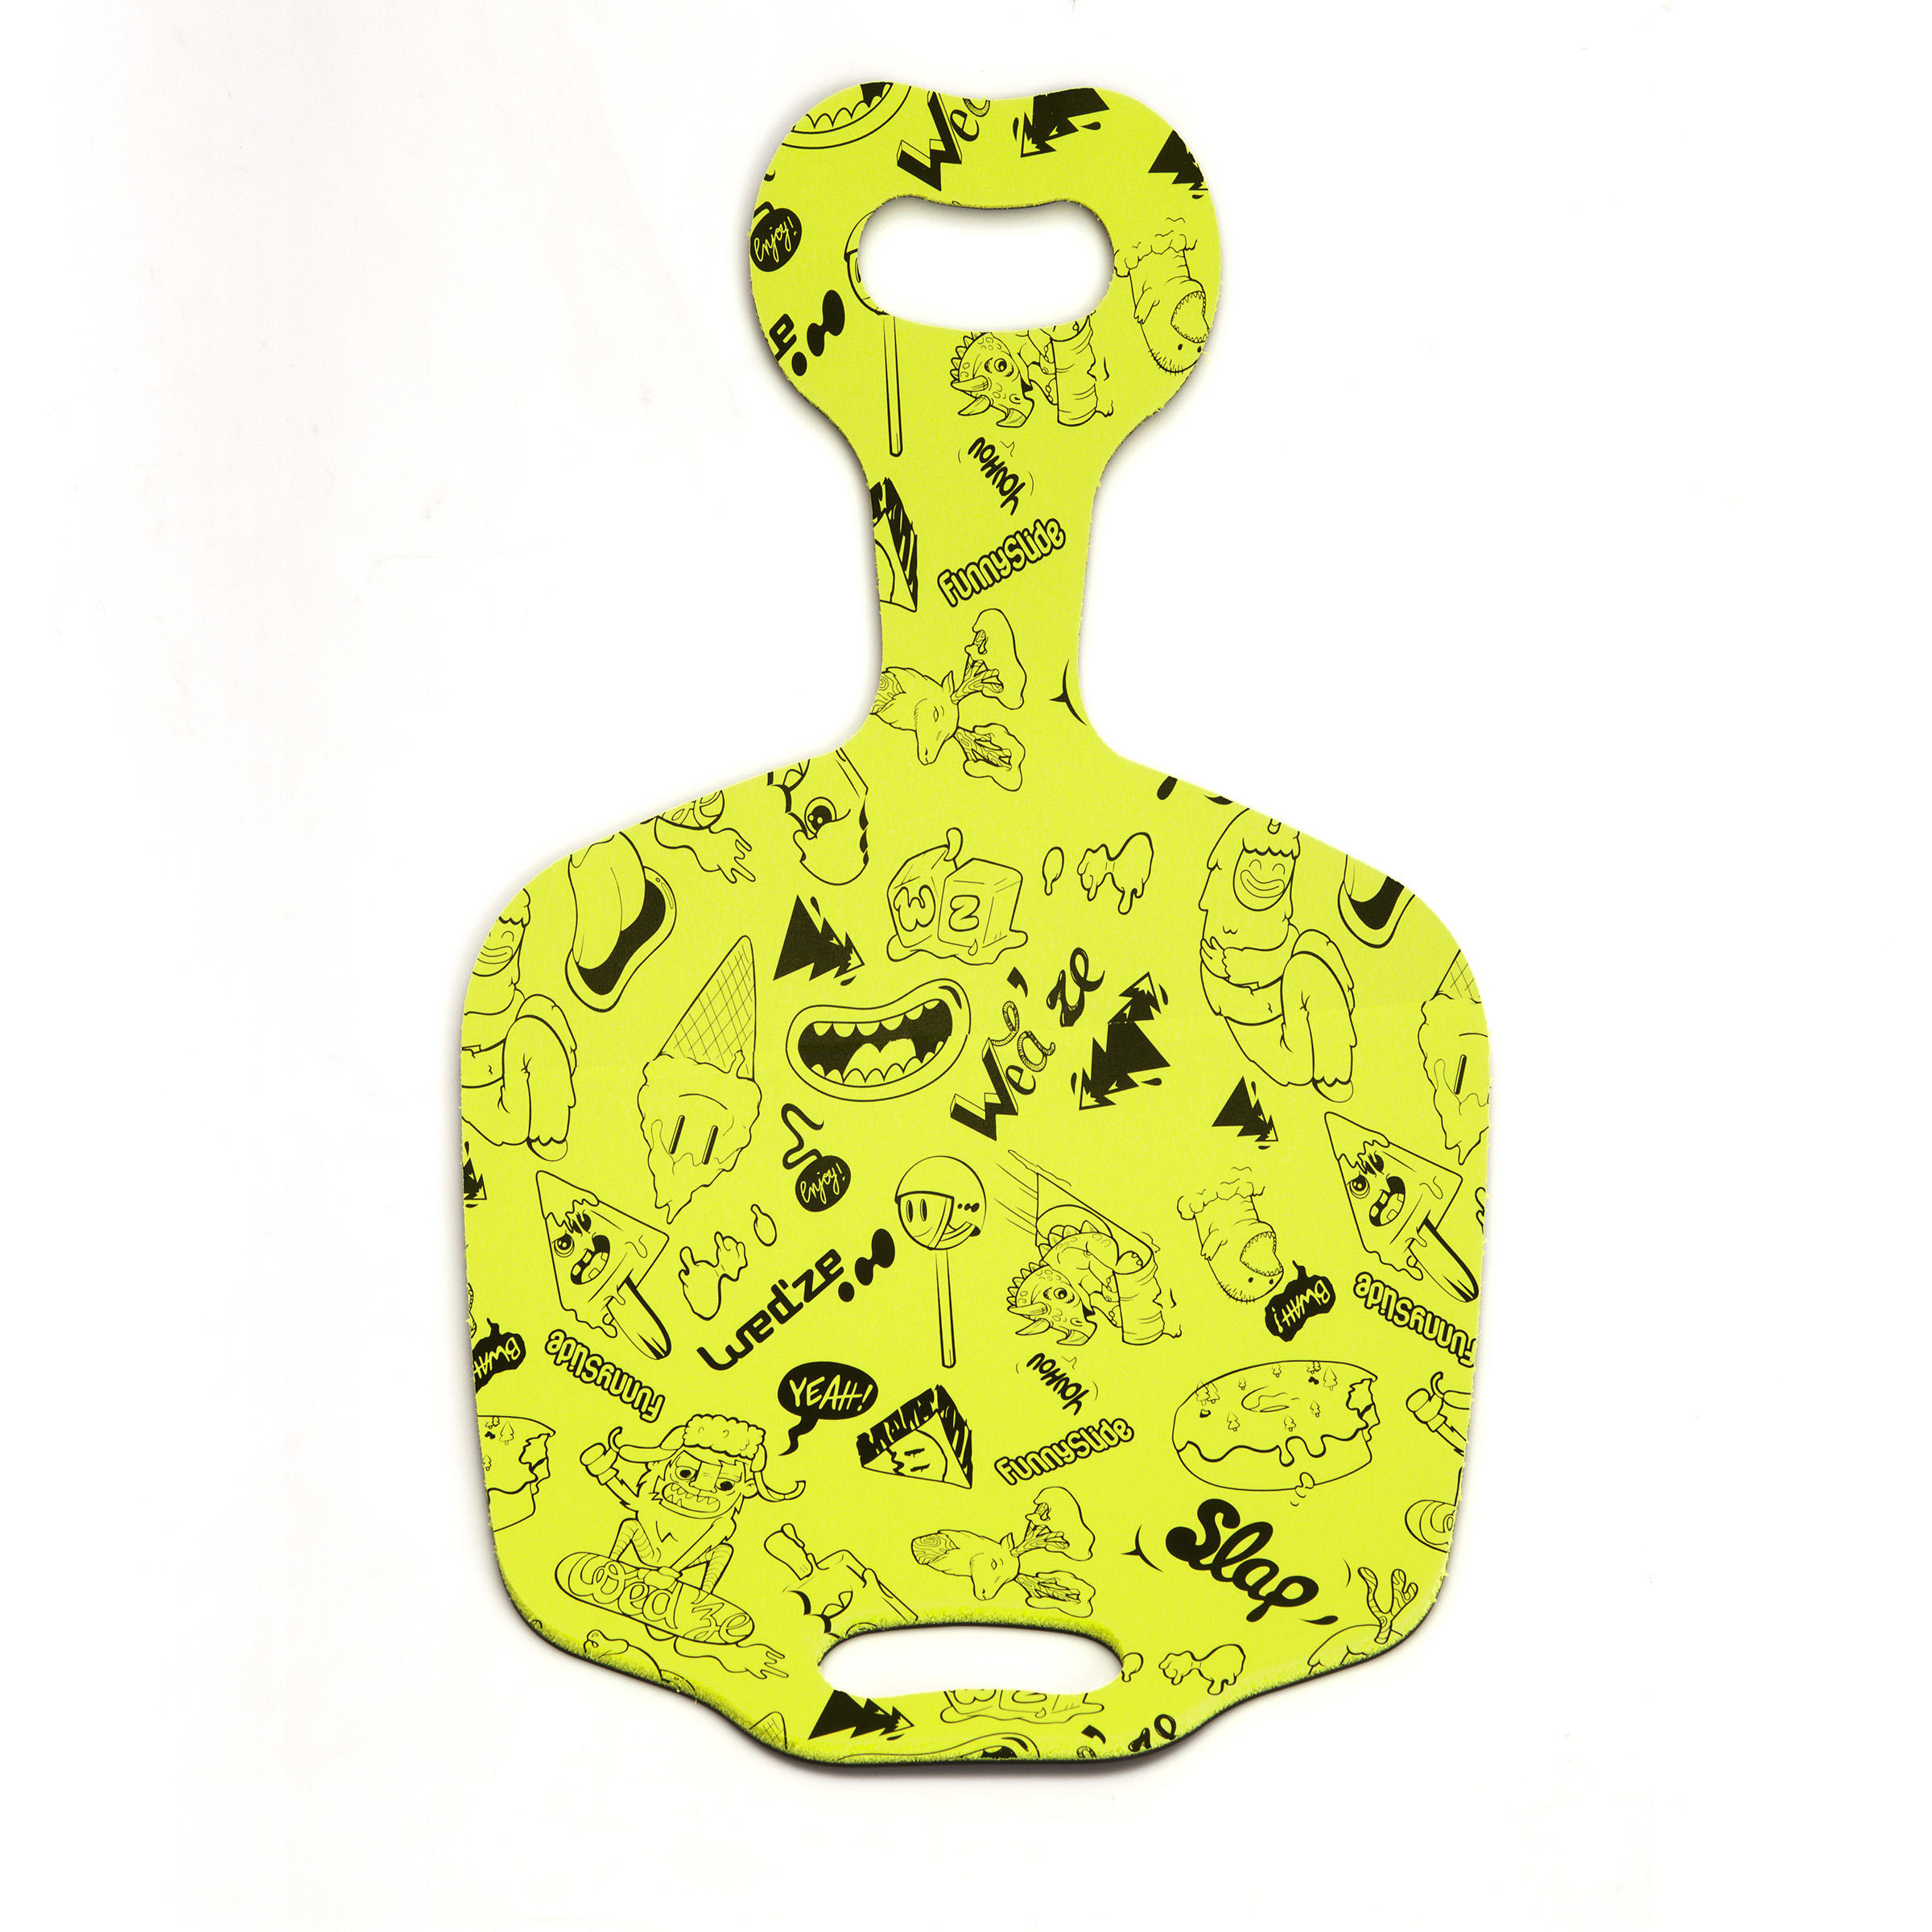 Luge enfant pelle à neige Amuse-glisse jaune